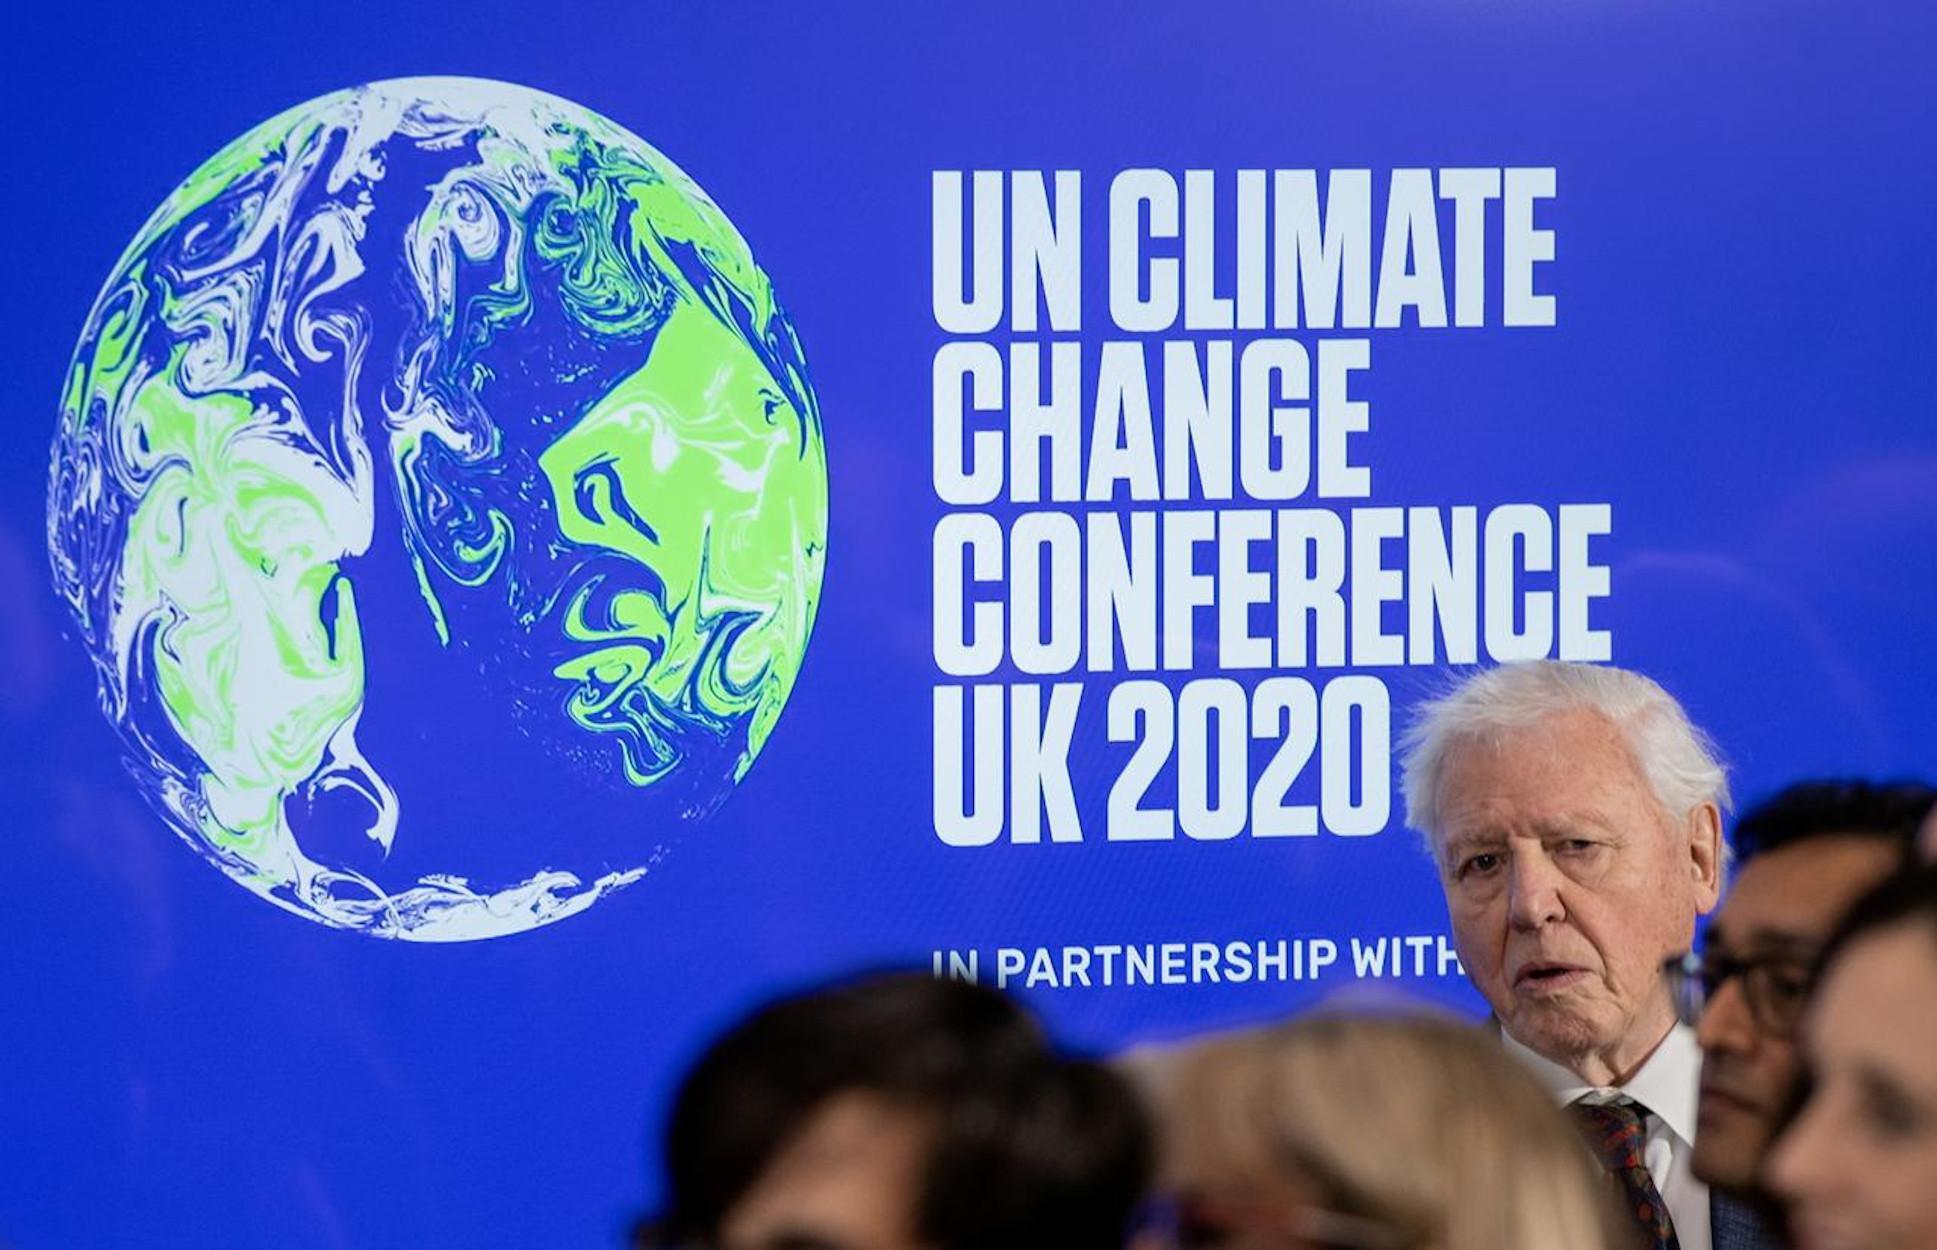 Η σύνοδος για το κλίμα αναβλήθηκε για… το τέλος του 2021!